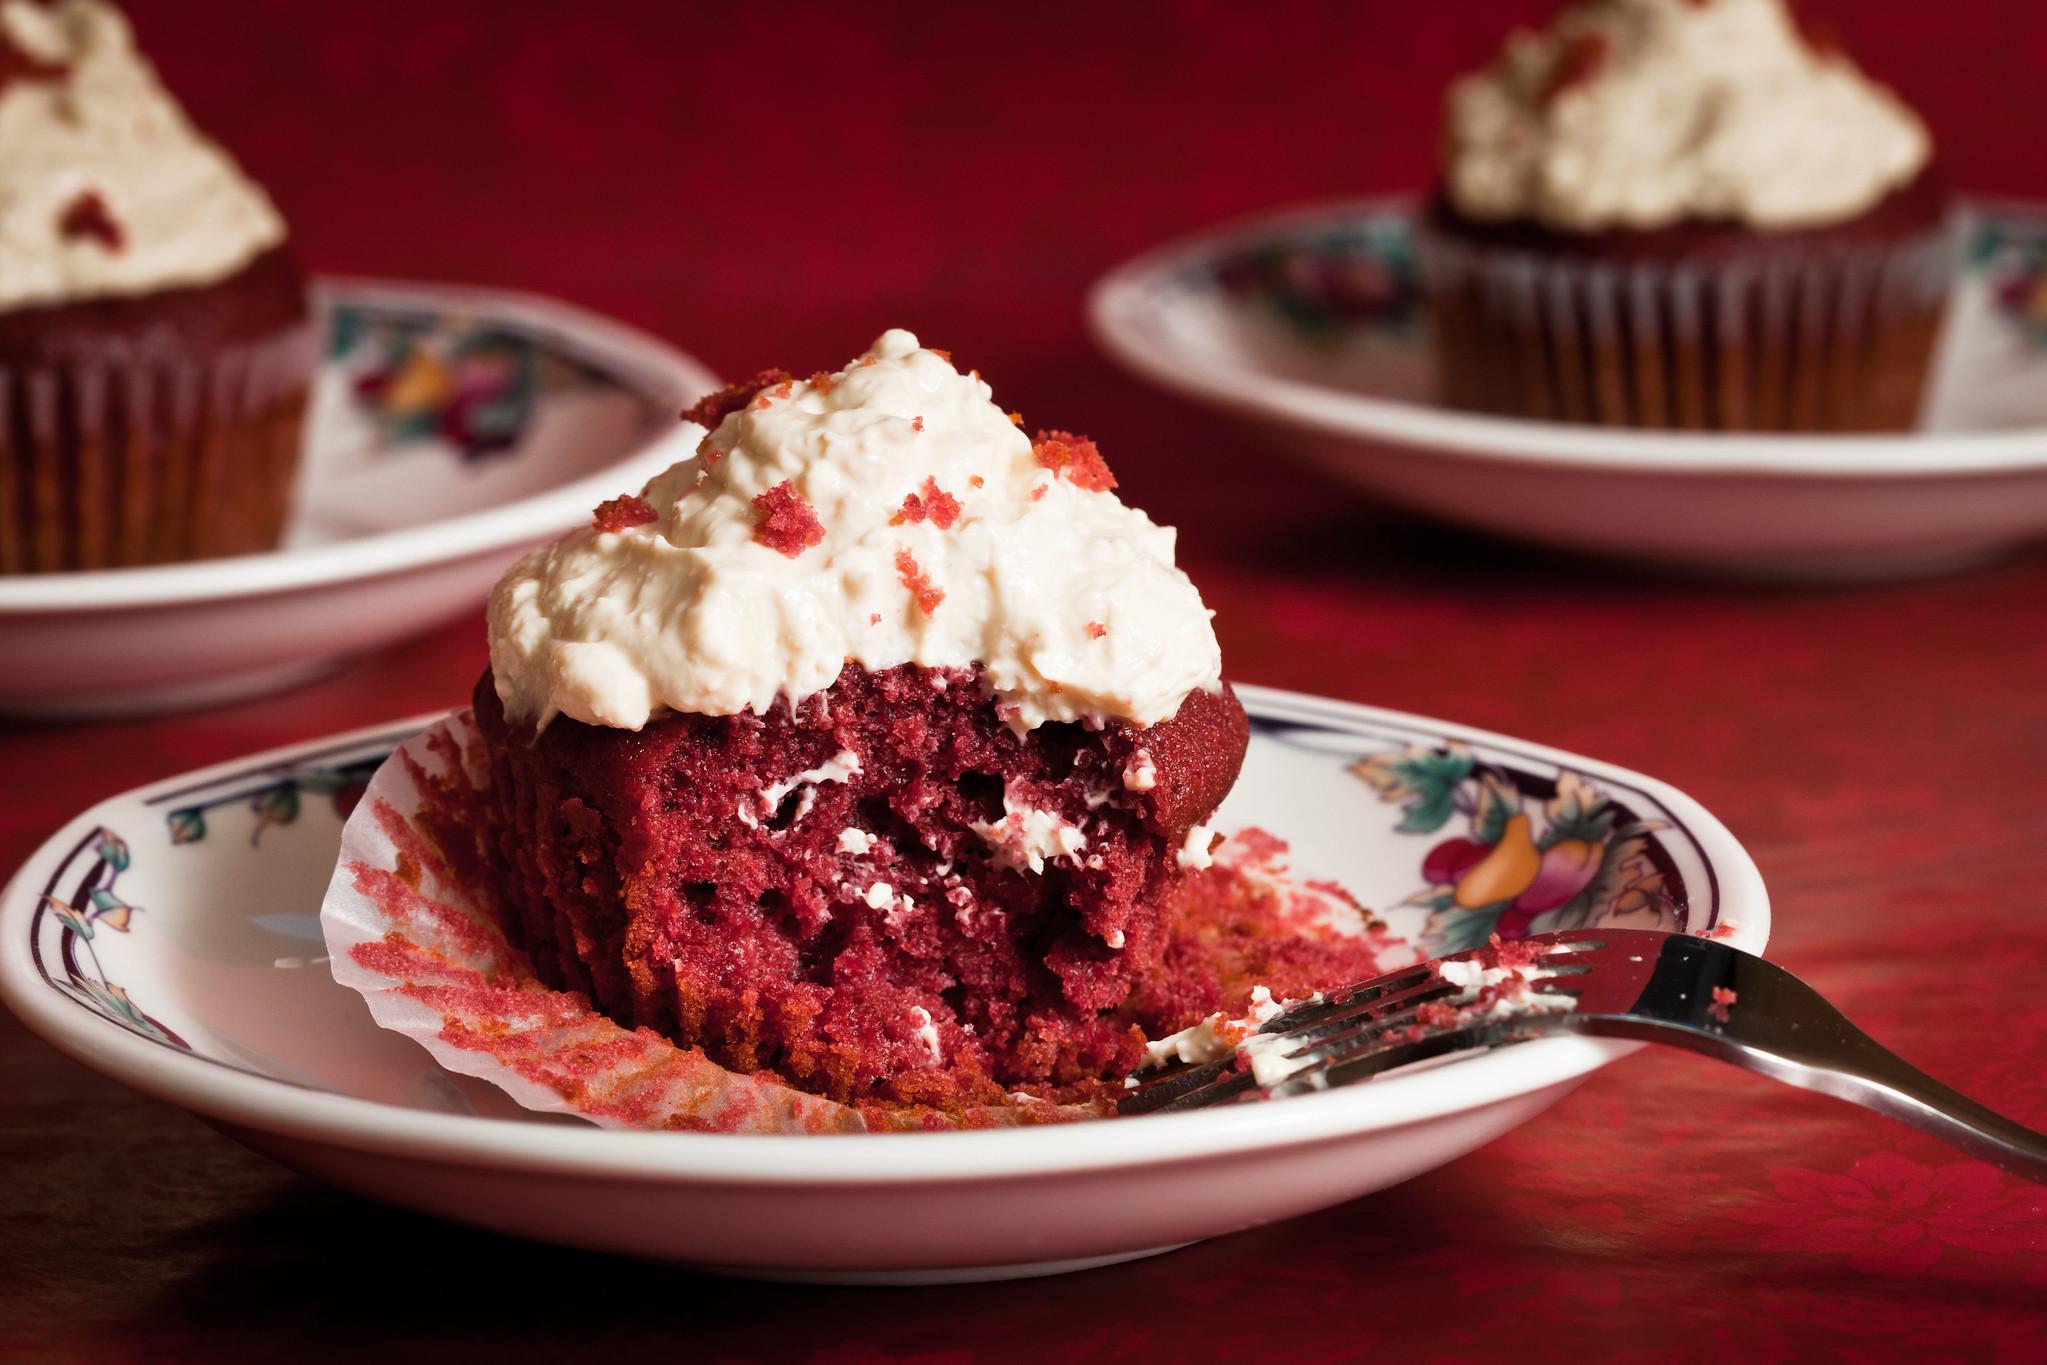 Android 11、お菓子コードネームは「レッドベルベットケーキ」